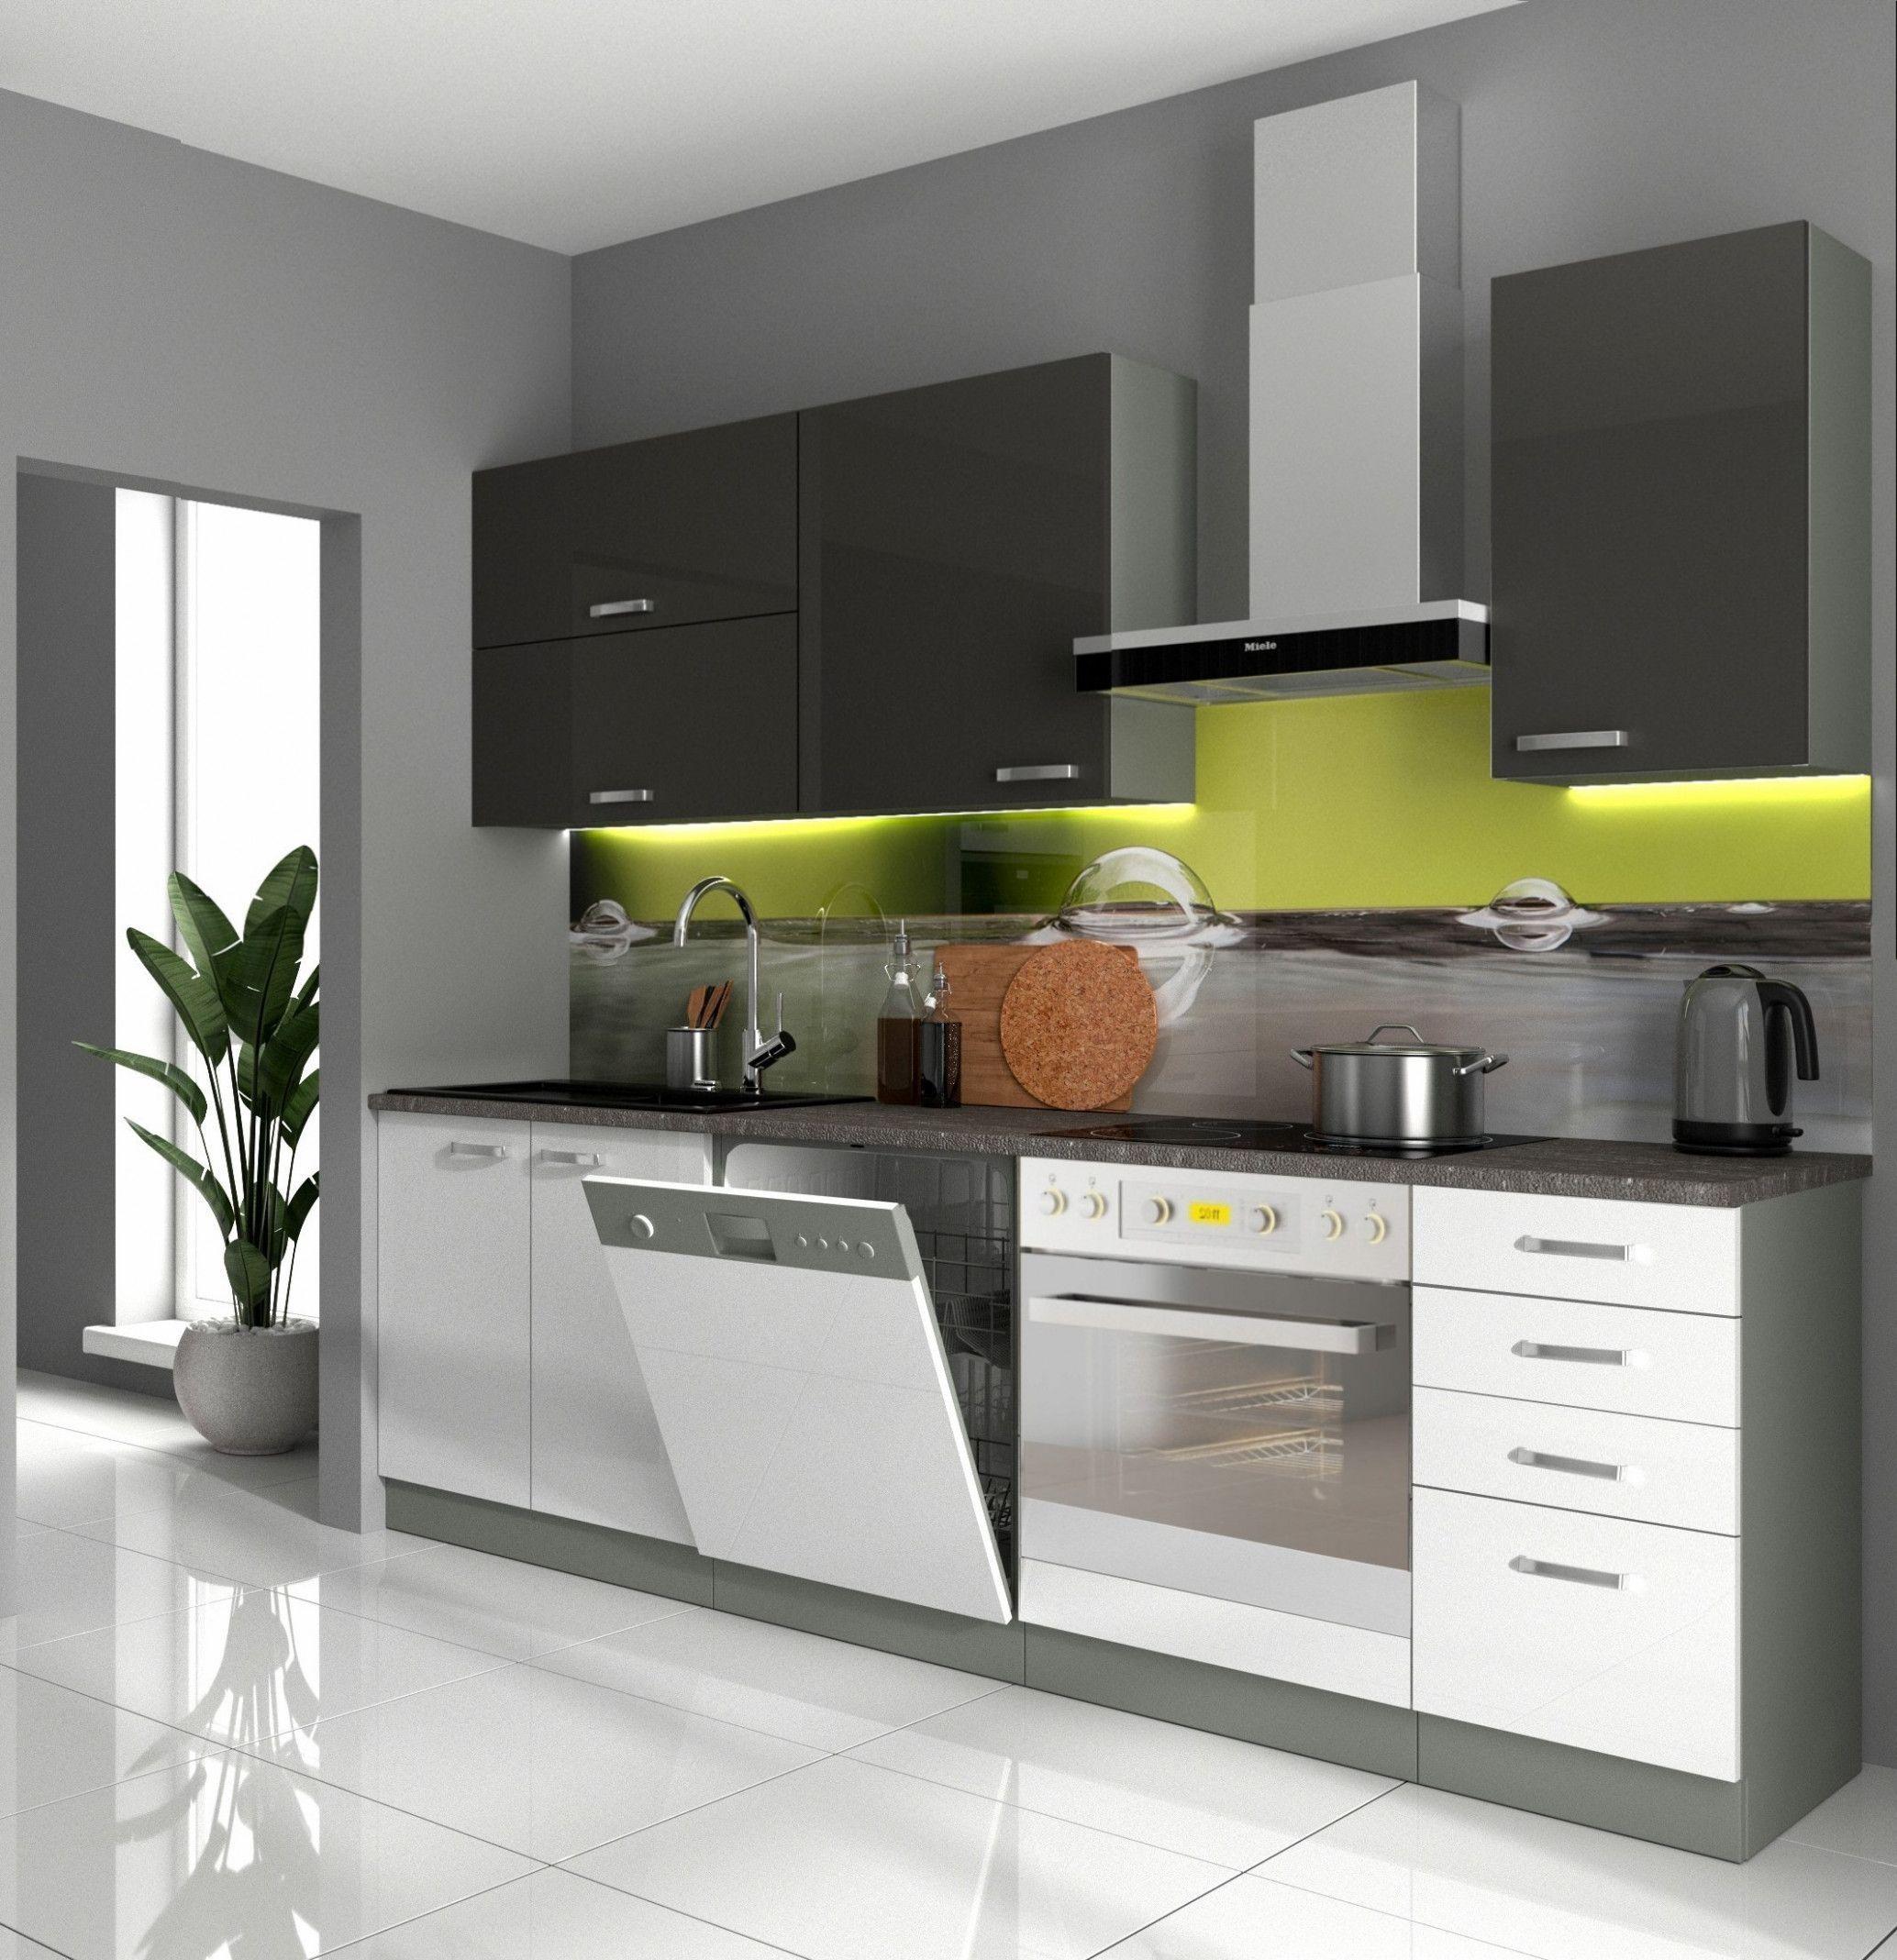 14 Kuche Weiss Boden Grau Boden Grau Kuche Kucheweib Weiss In 2020 Kitchen Home Decor Kitchen Cabinets